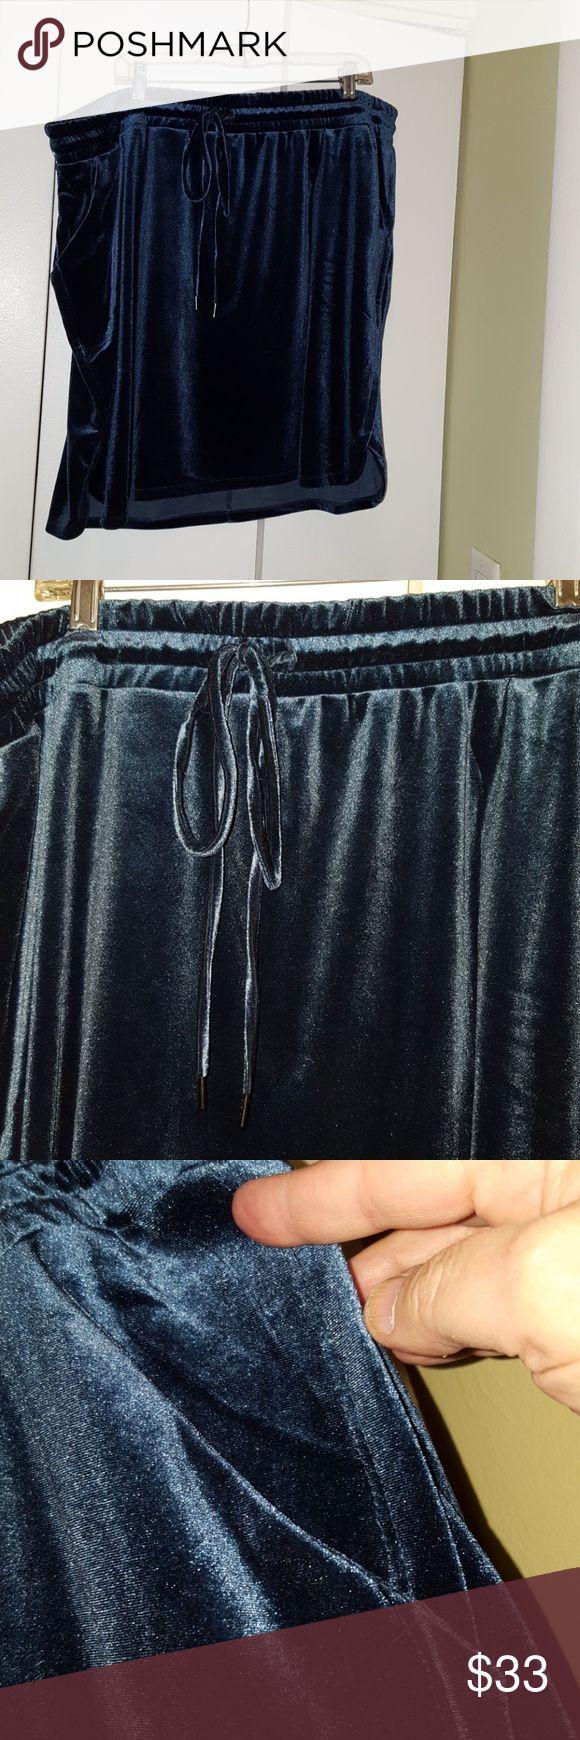 """NWT Velvet Pull-on Skirt Gorgeous teal blue velvet. So soft! Dress up or down. Skirt has smocked, adjustable draw-string waist, side pockets, sirt-tail hem. Length 20"""" from center front. Torrid size 3 (22/24) torrid Skirts Mini"""